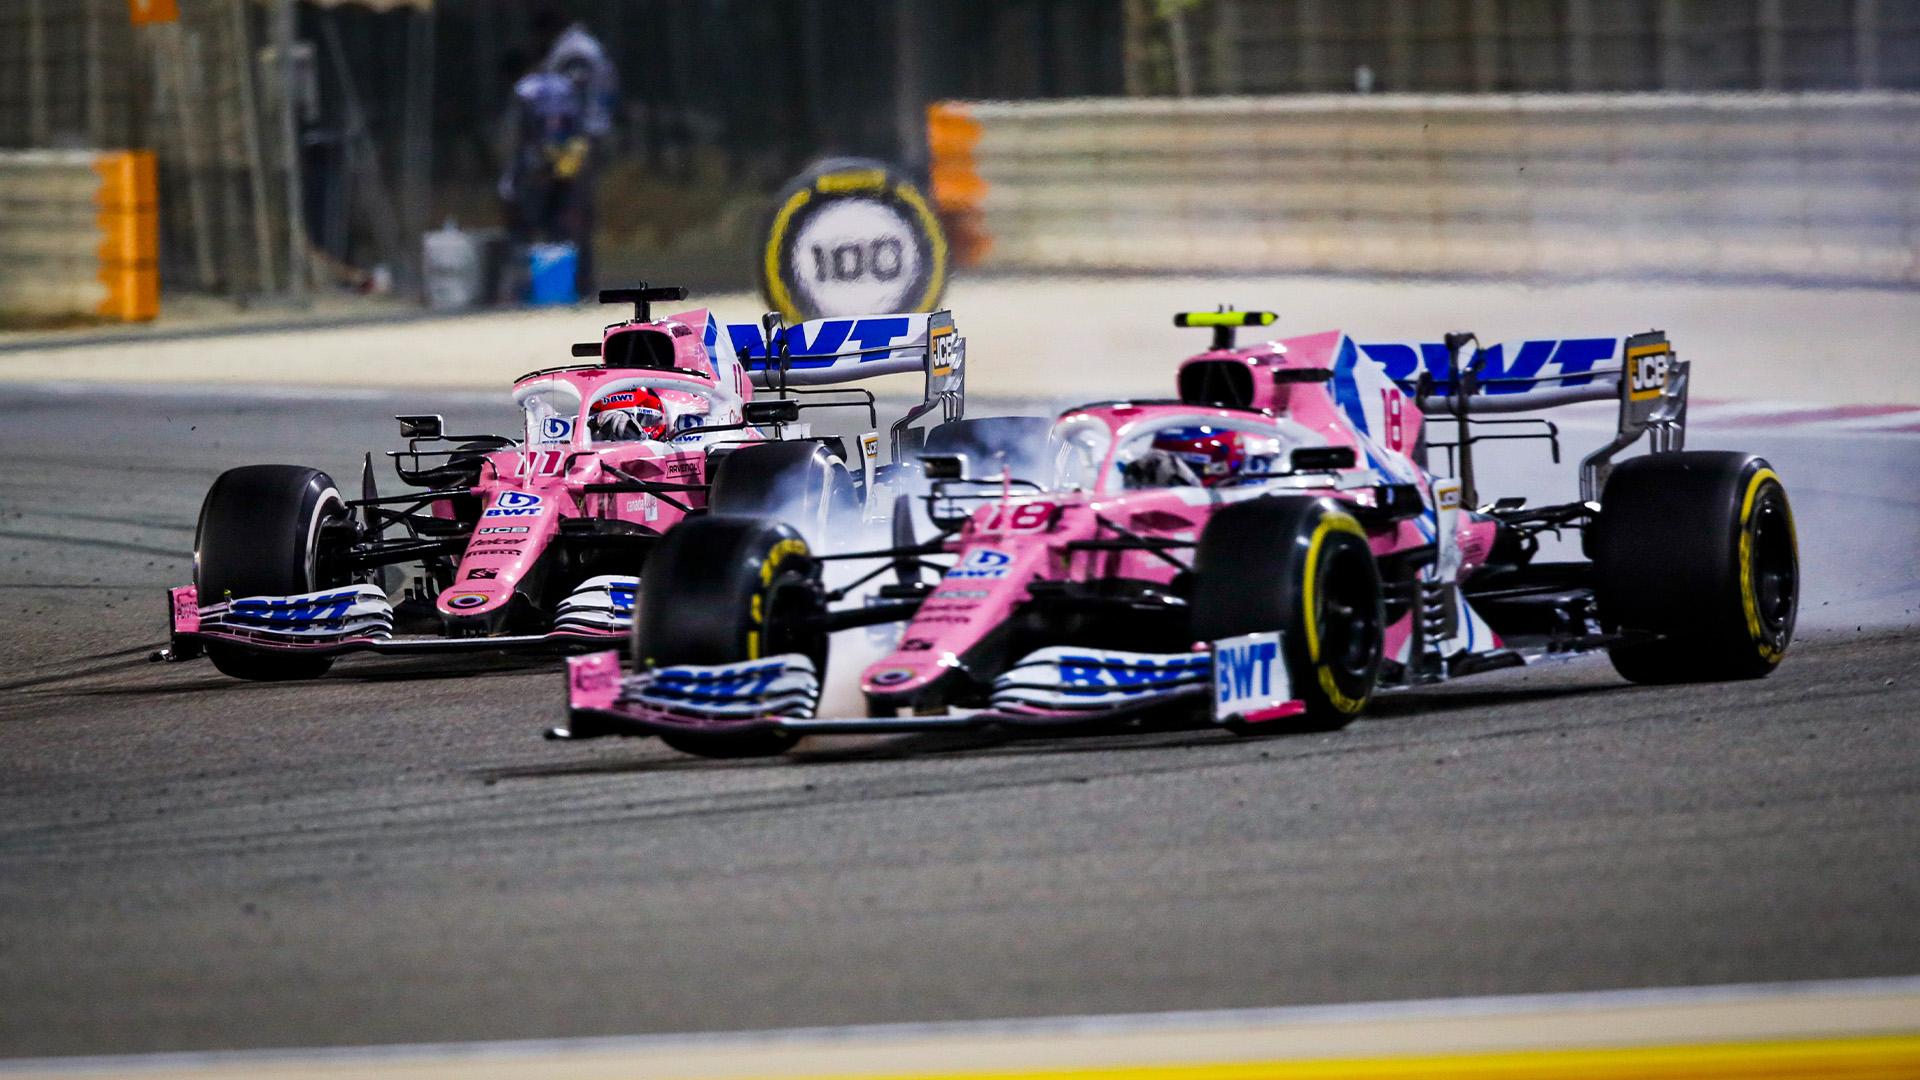 Lance Stroll locks up allowing Sergio Perez past at the 2020 Sakhir GP